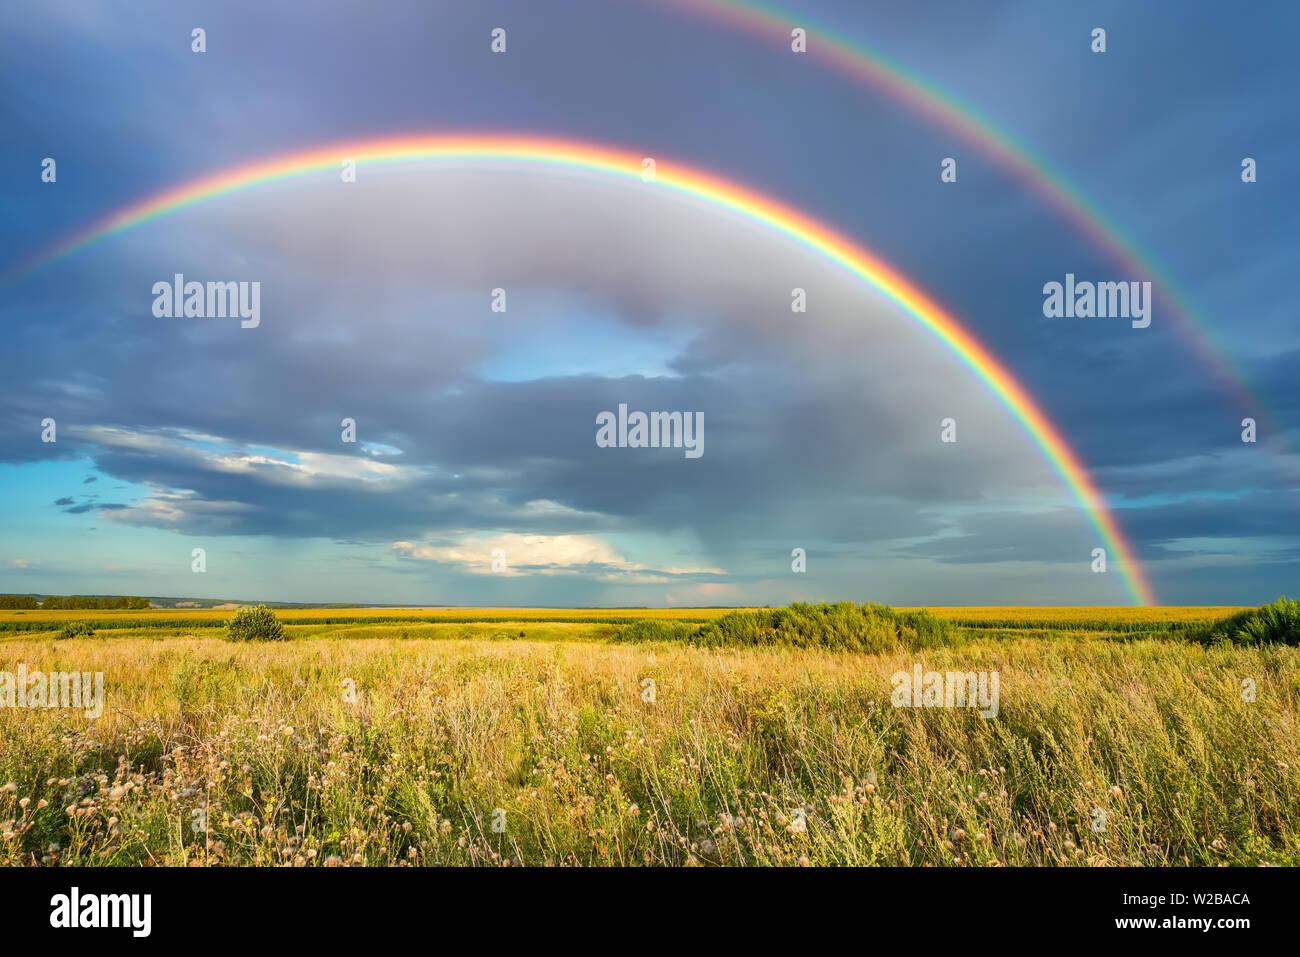 Arco iris sobre cielo tormentoso en medio del campo, en día de verano Foto de stock